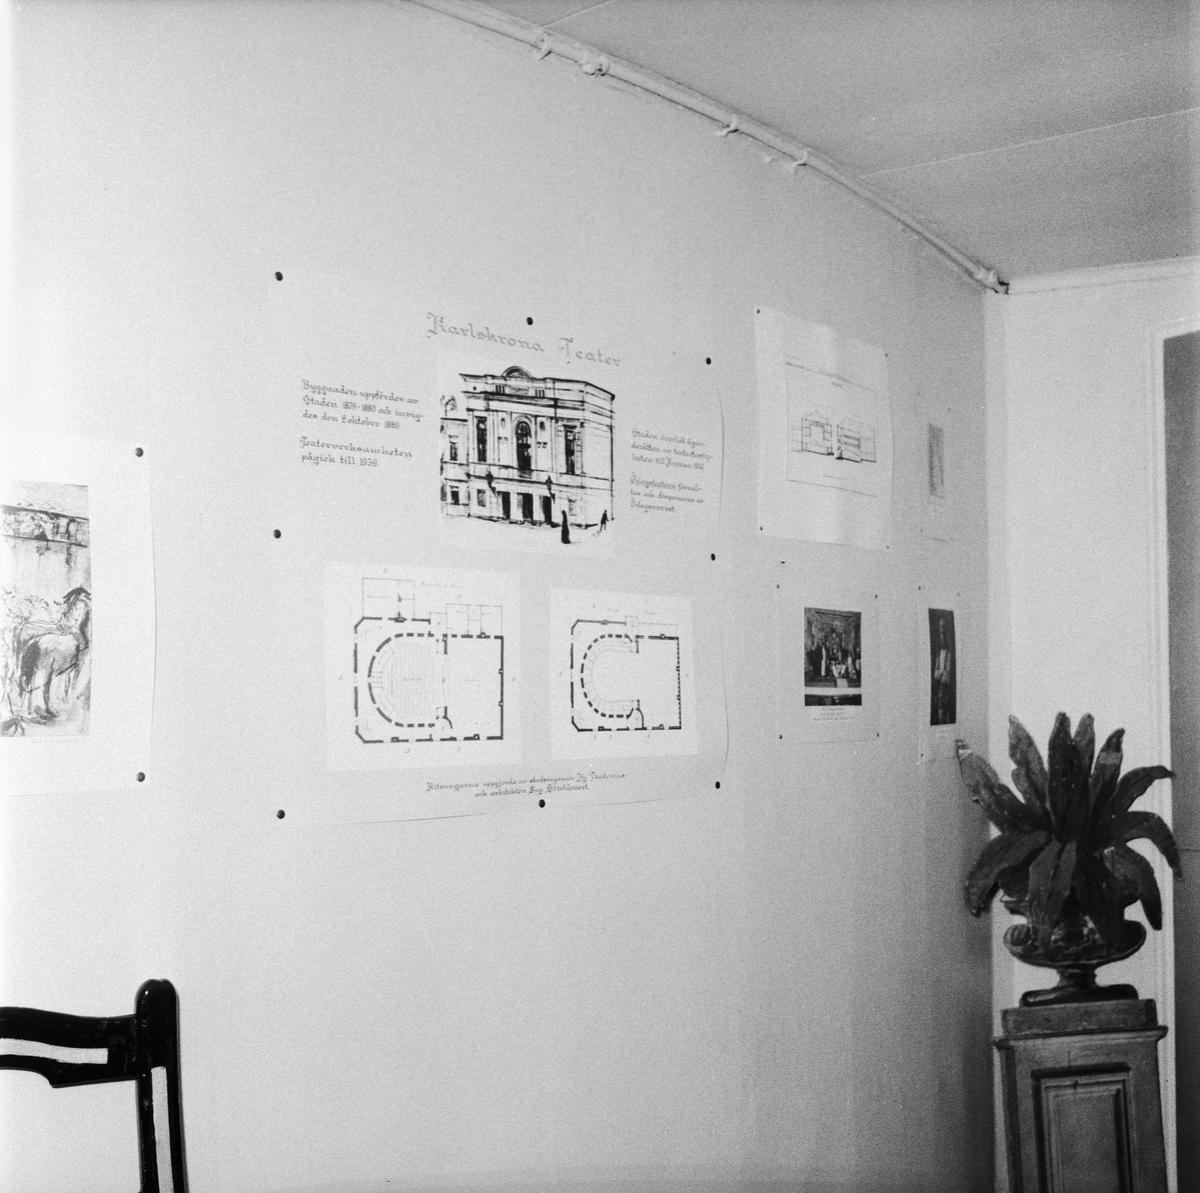 Övrigt: Foto datum: 4/12 1957 Byggnader och kranar Bildgalleri på gamla teatern